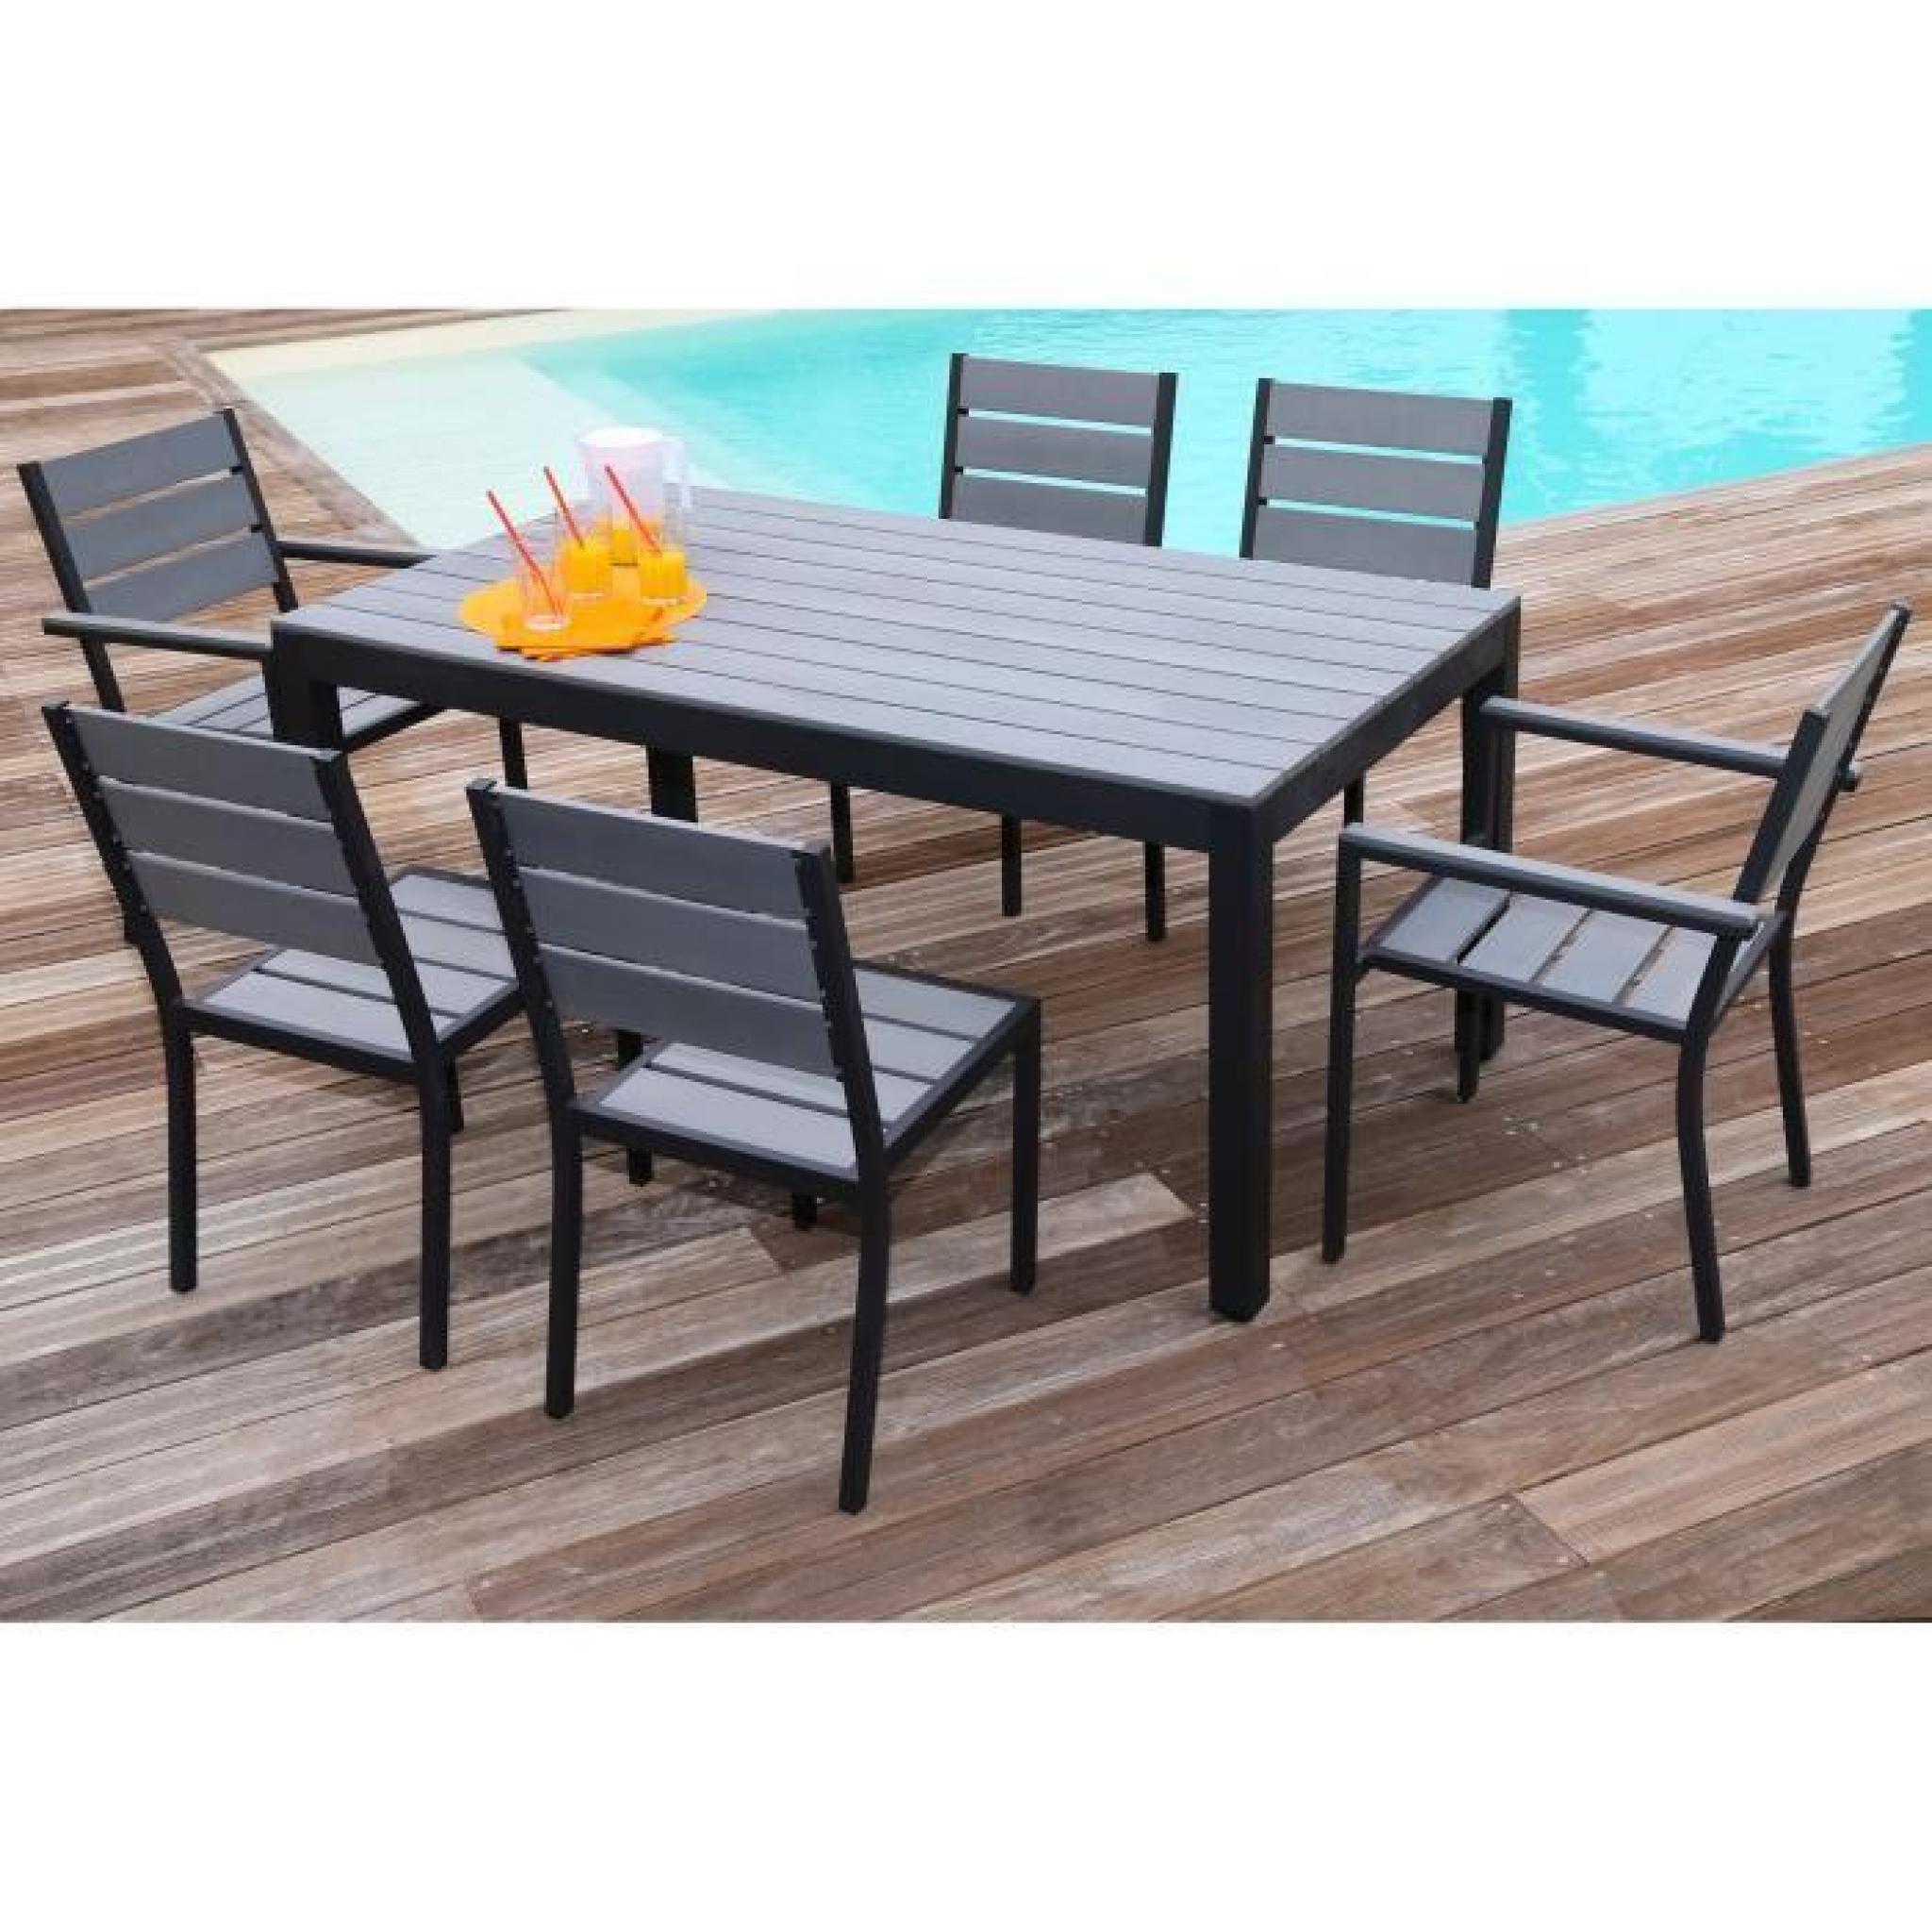 Floride Ensemble Table De Jardin 160 Cm + 2 Fauteuils + 4 Chaises Aluminium  Et Polywood Gris encequiconcerne Table Jardin Cdiscount